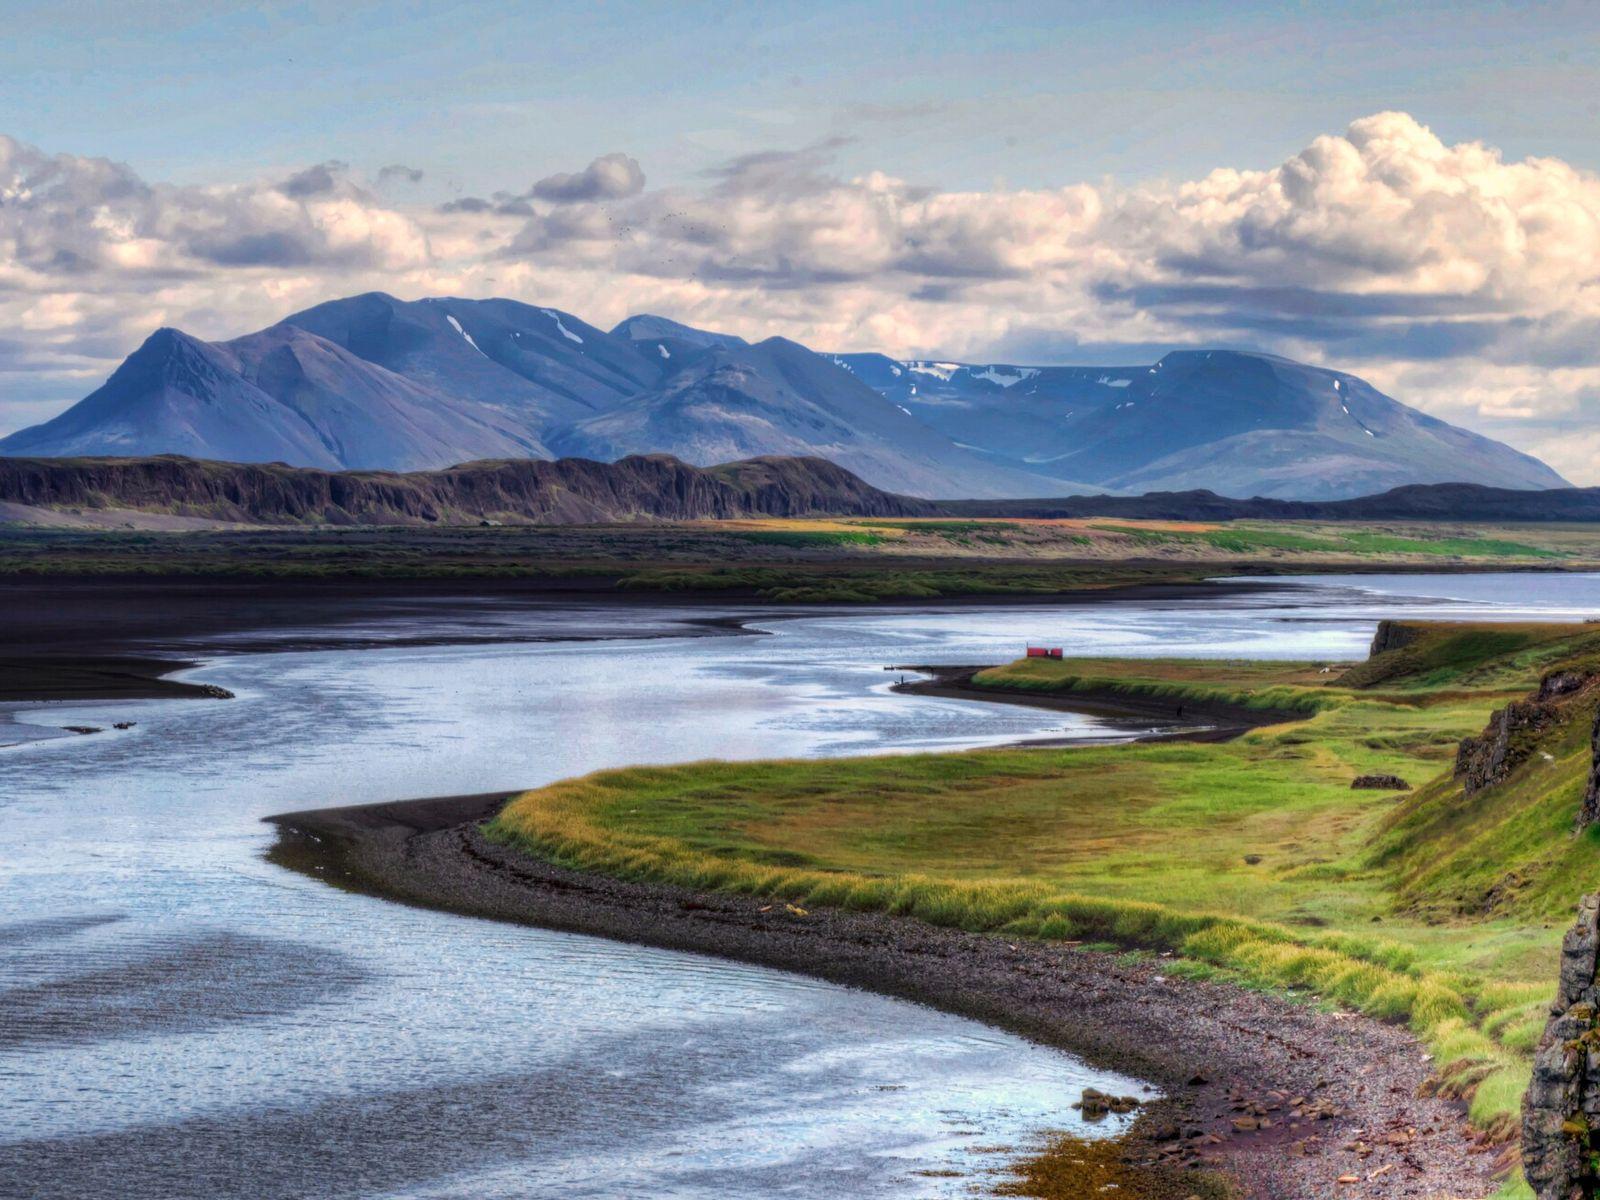 Le long de l'Arctic Coast Way, une route créée en 2019 dans le nord de l'Islande, les visiteurs découvrent ...